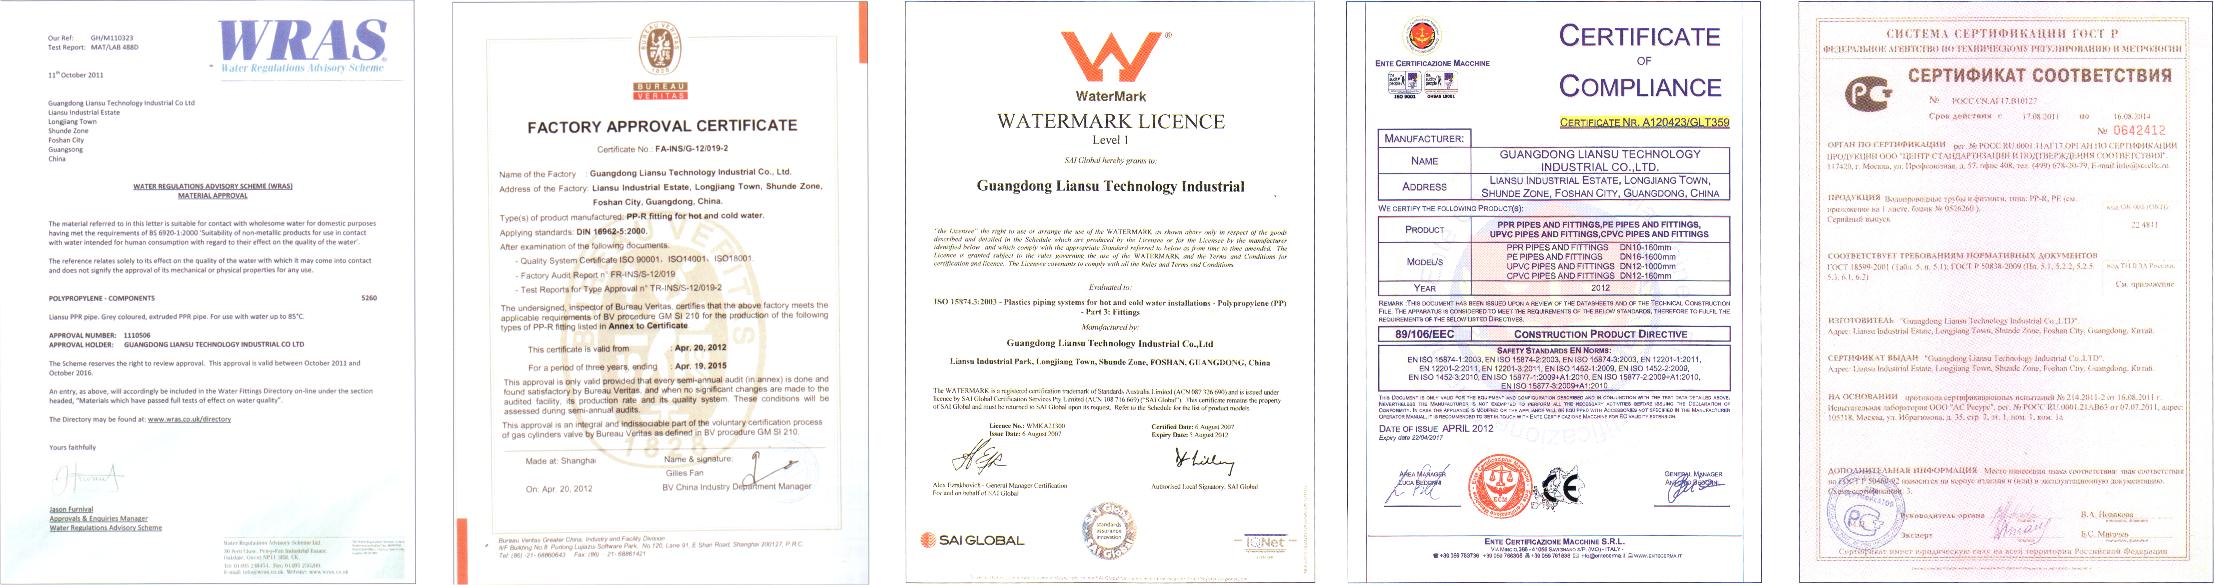 certificate-ppr